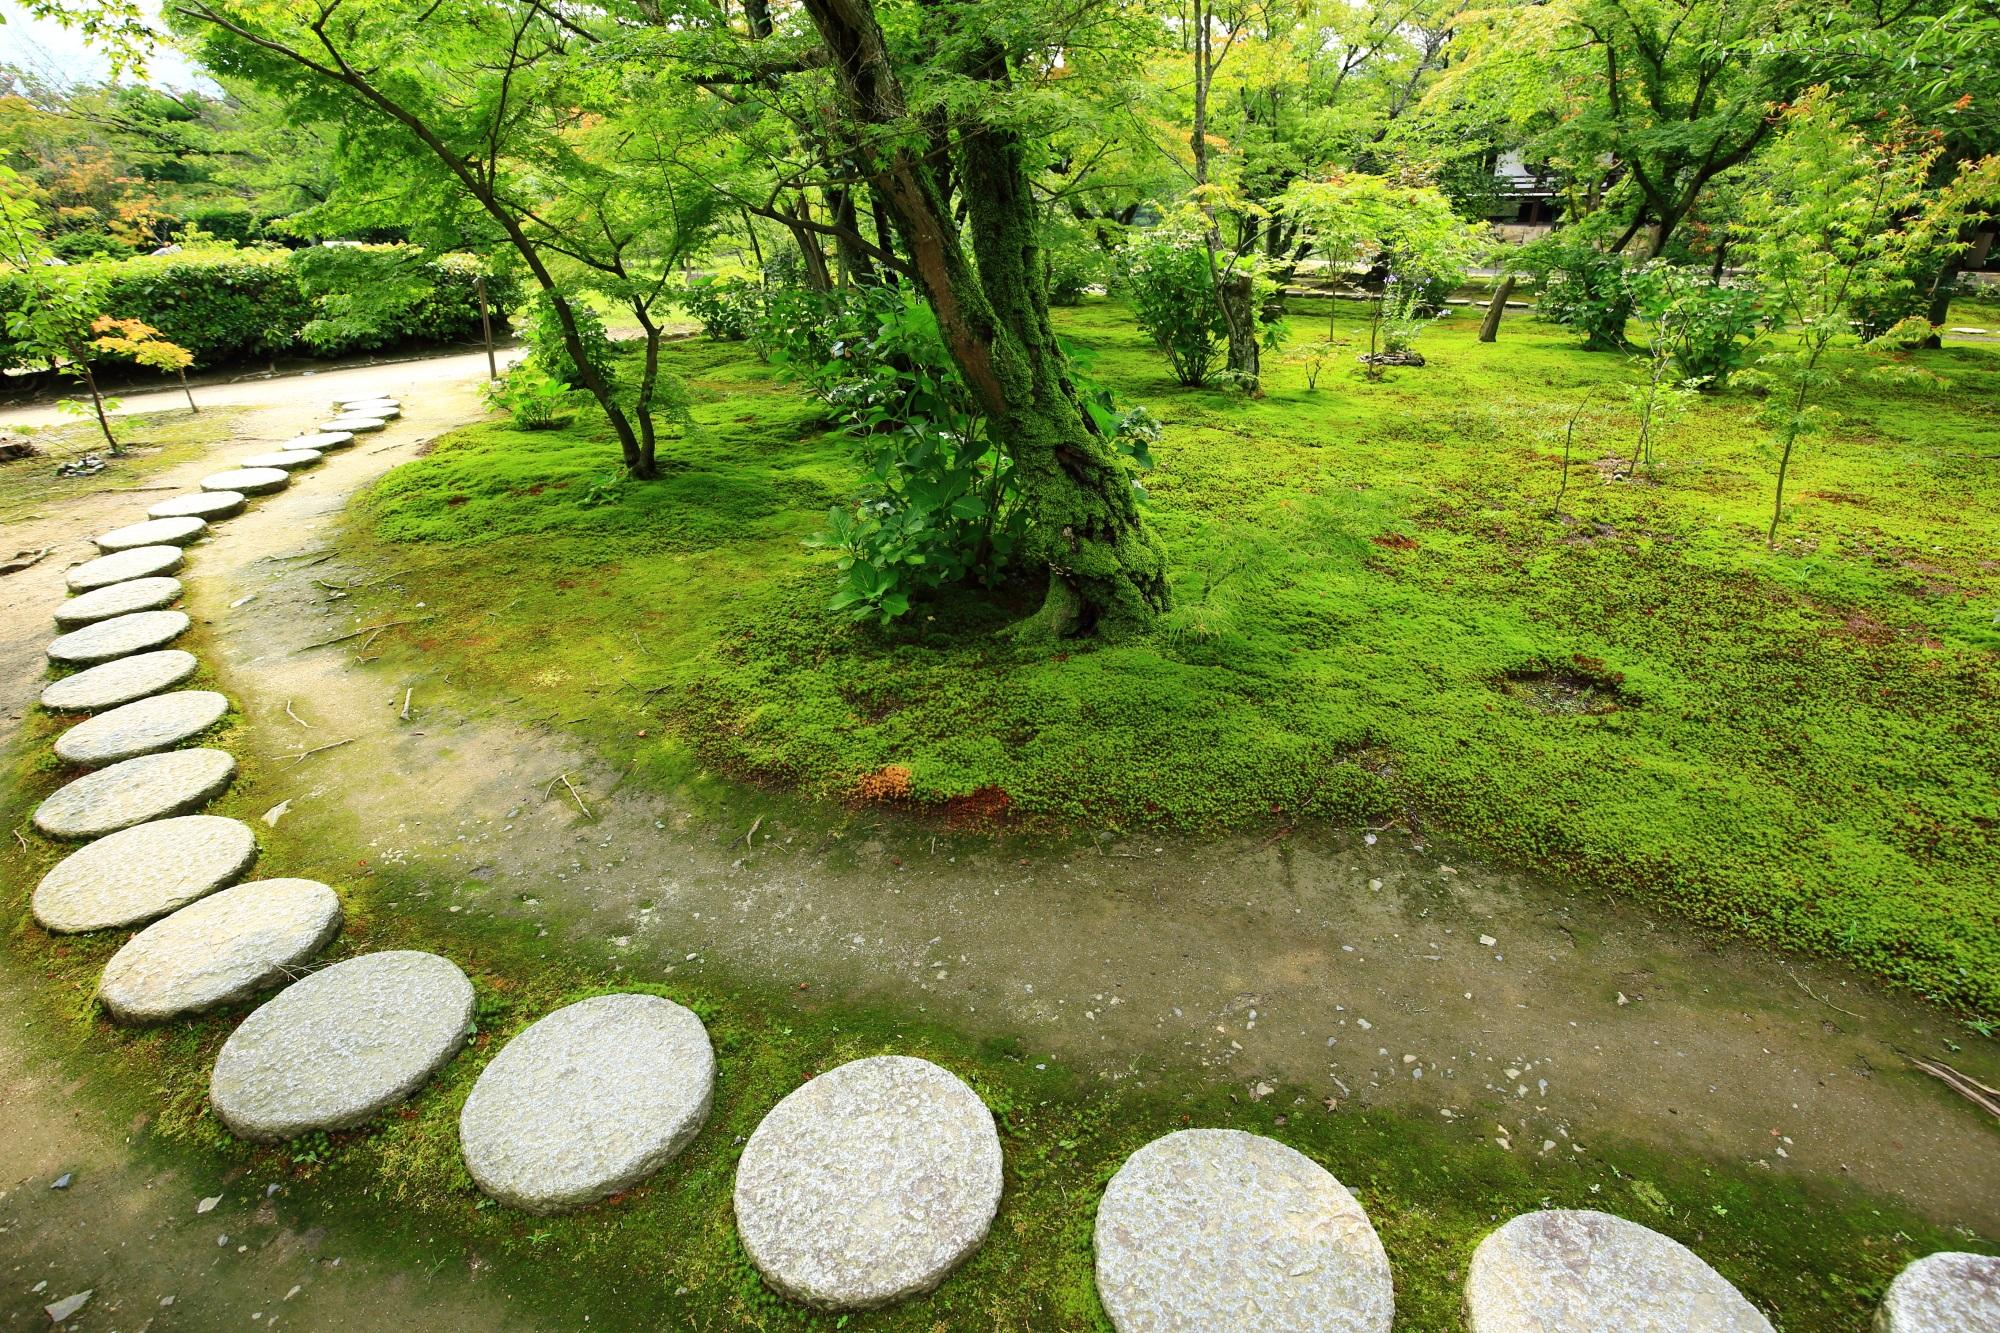 勧修寺の庭園の綺麗な鮮やかな緑の苔